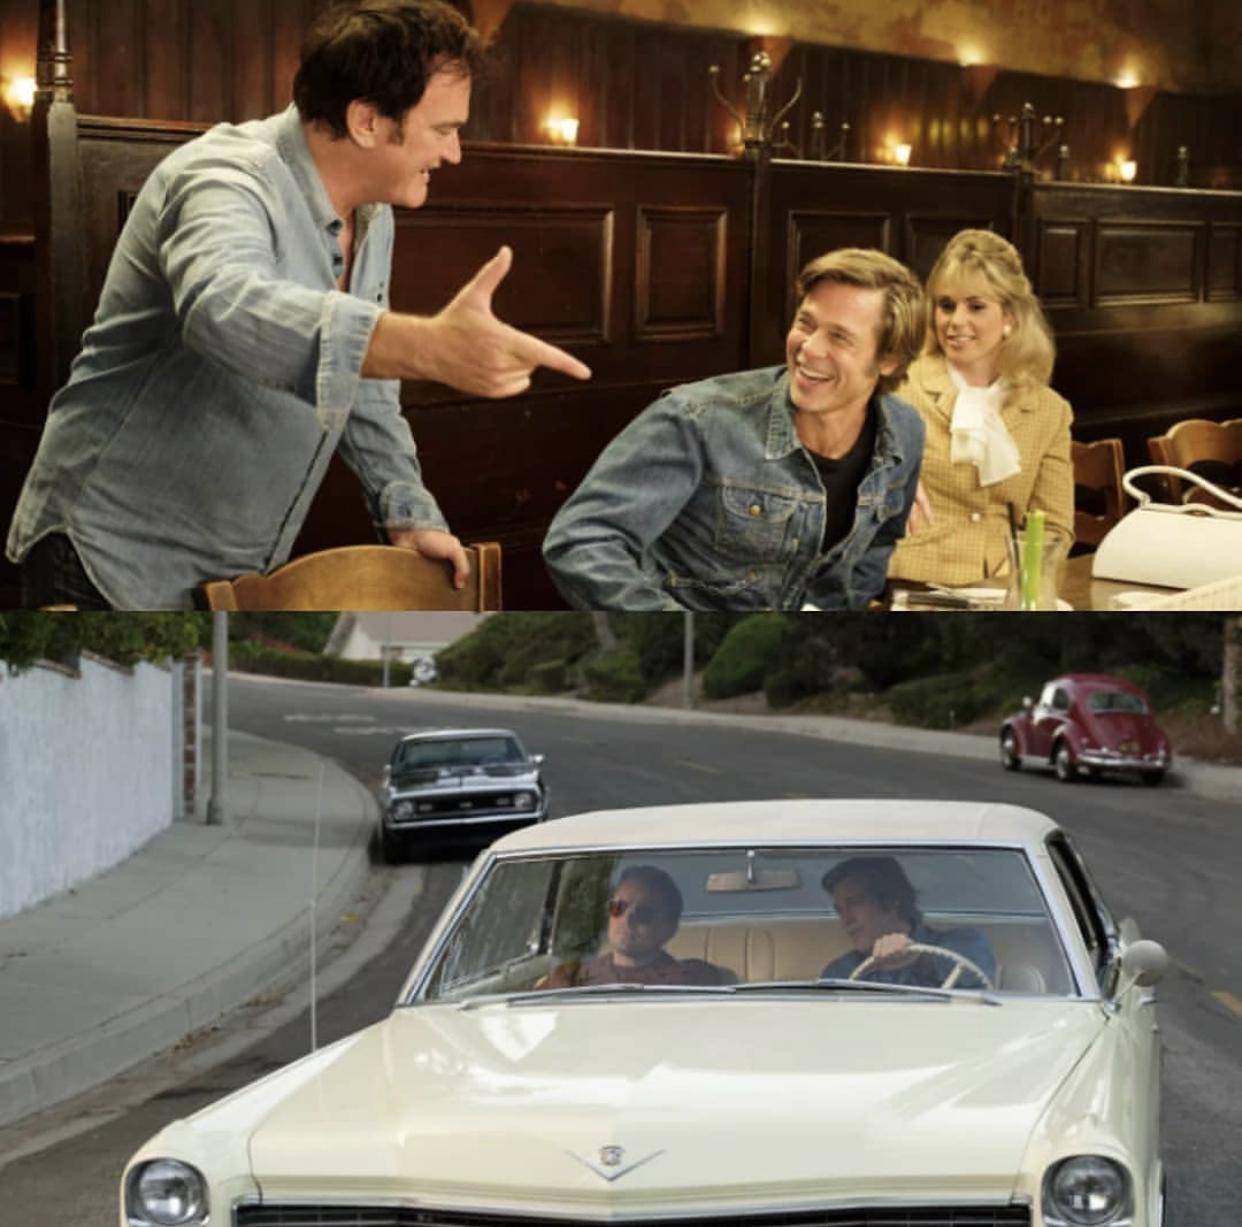 好莱电影_昆汀塔伦蒂诺放出复联4之后最受瞩目电影《好莱坞往事》最新 ...